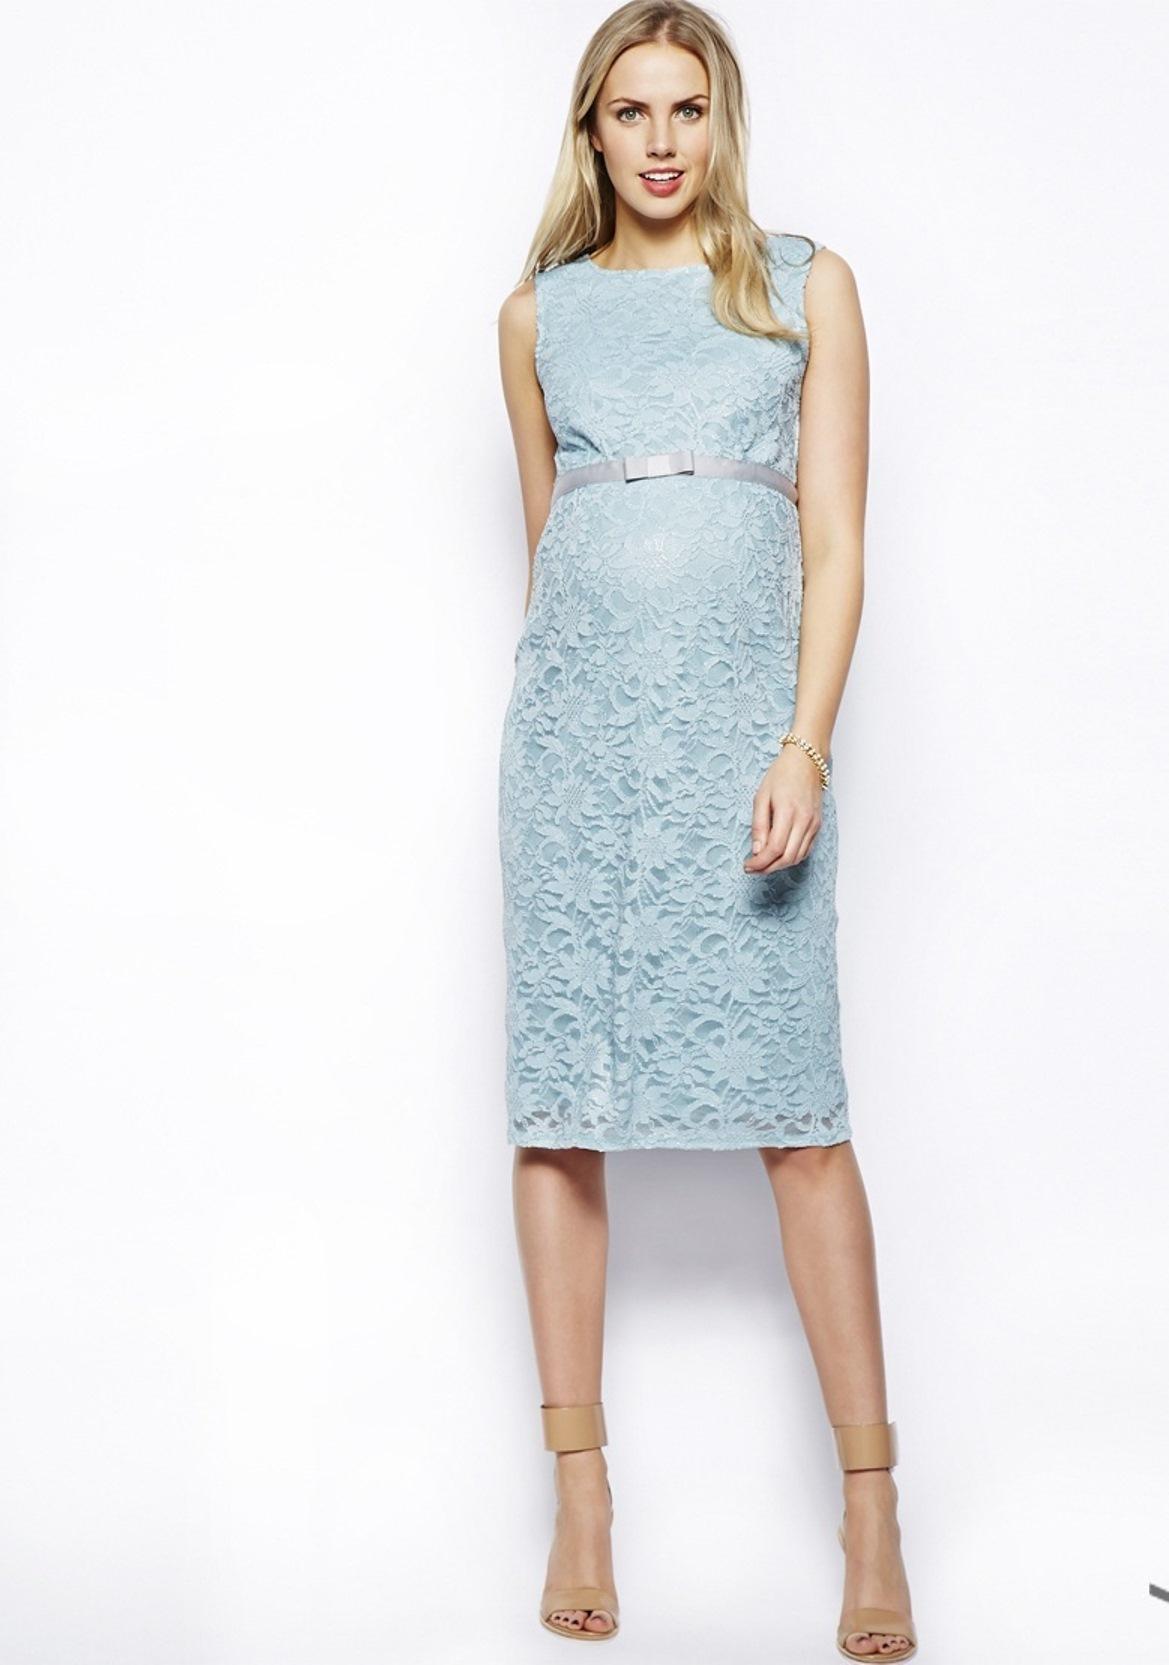 Эксклюзивное кружевное облегающее платье для беременных ASOS Голубой Free Style